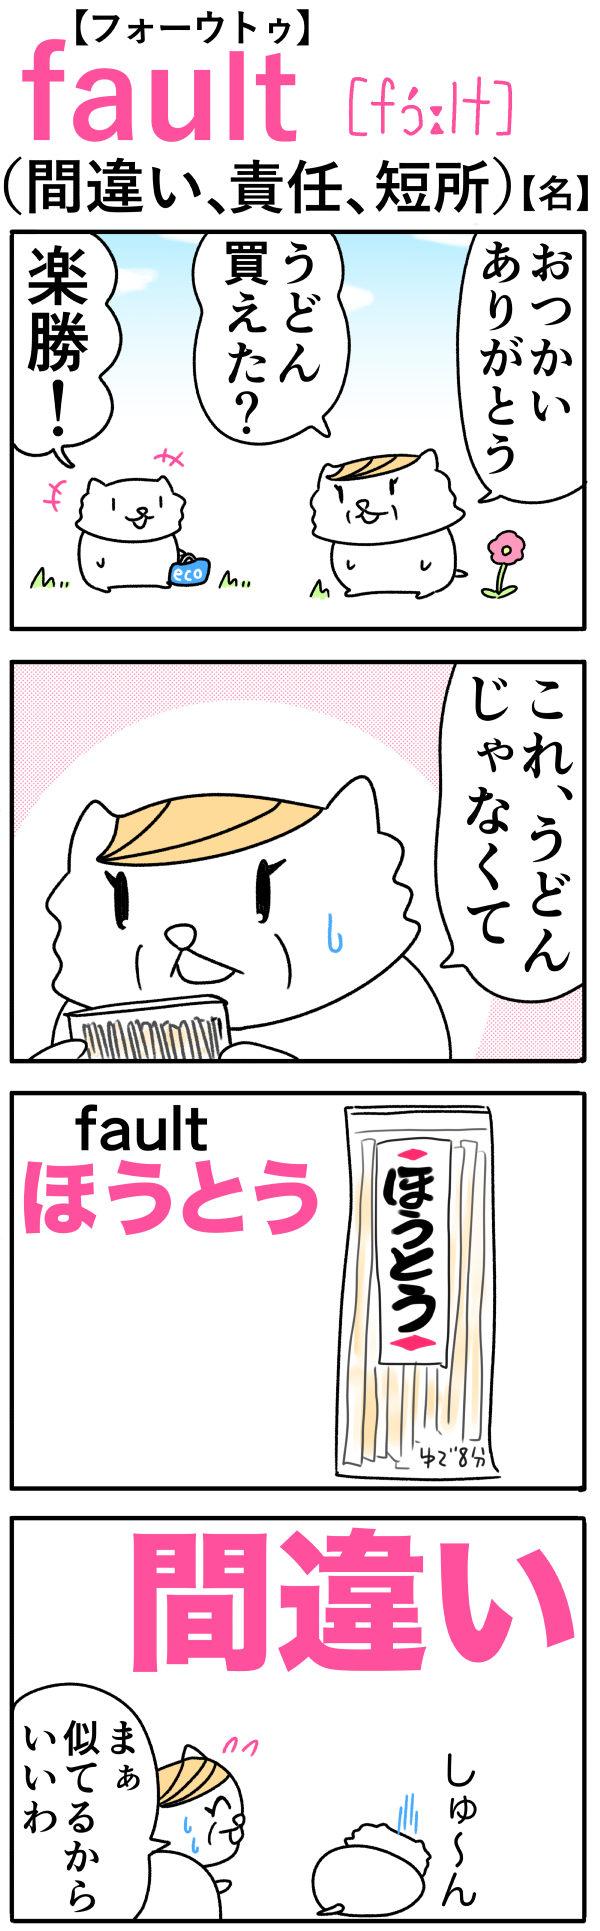 fault(間違い)